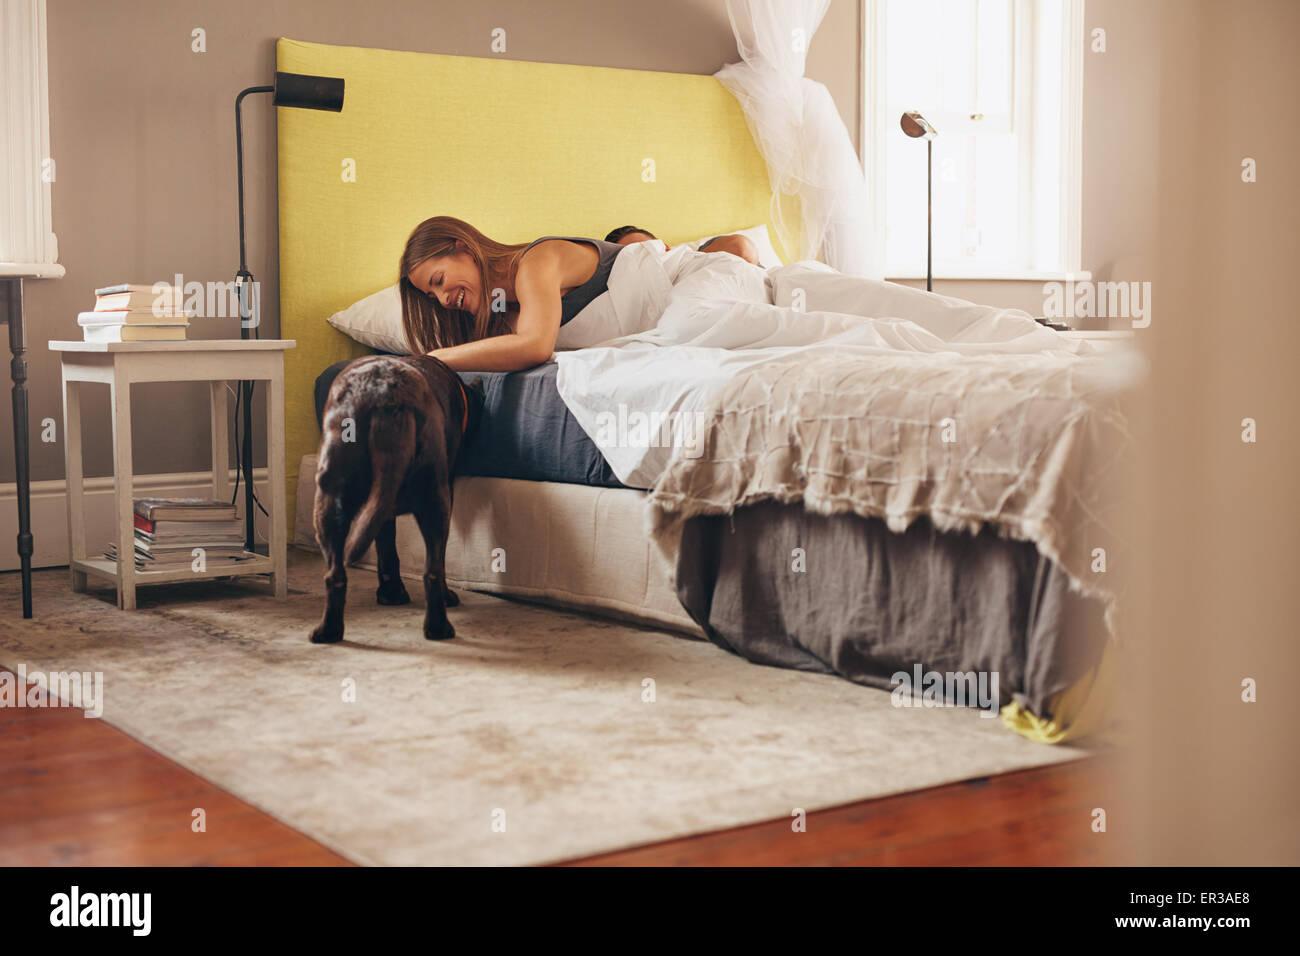 La mujer acostada en la cama jugando con su perro en la mañana. Hombre dormido en el fondo. Imagen De Stock